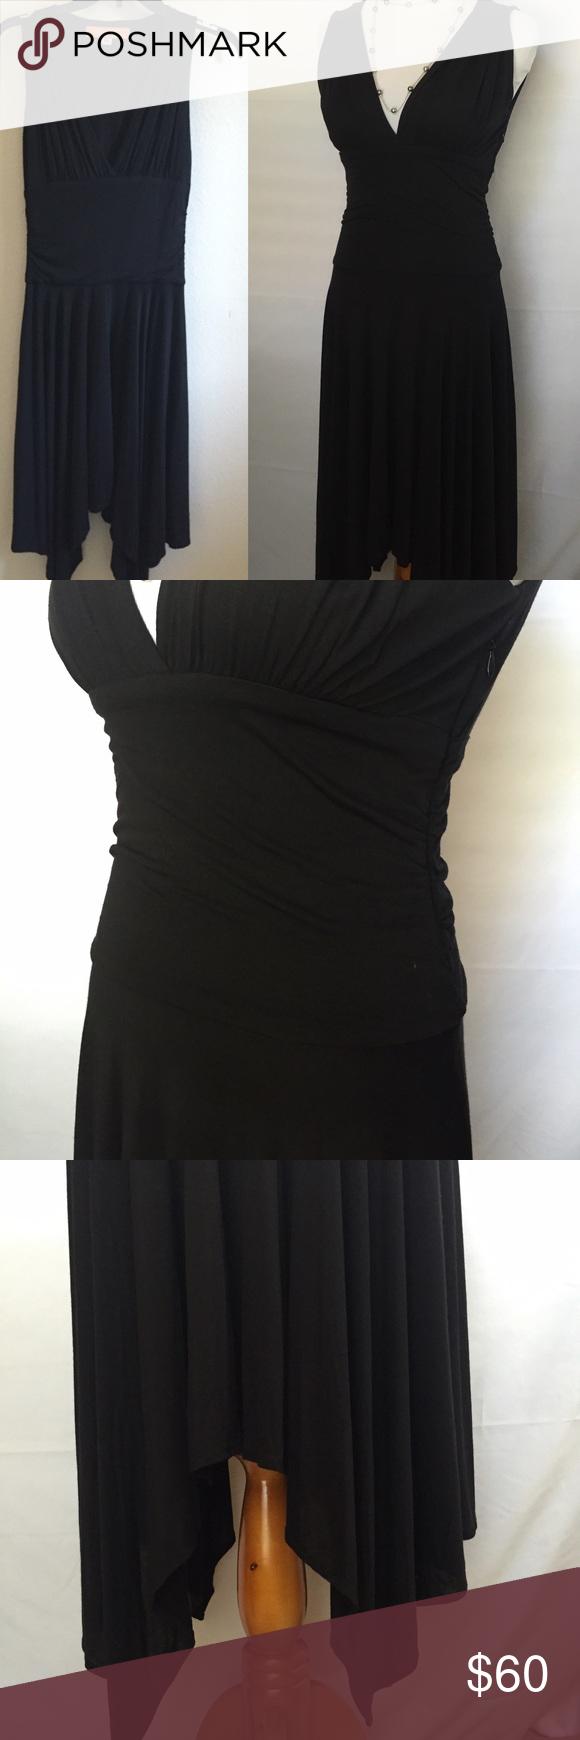 Cynthia steffe black dress asymmetrical v neck size zip closure